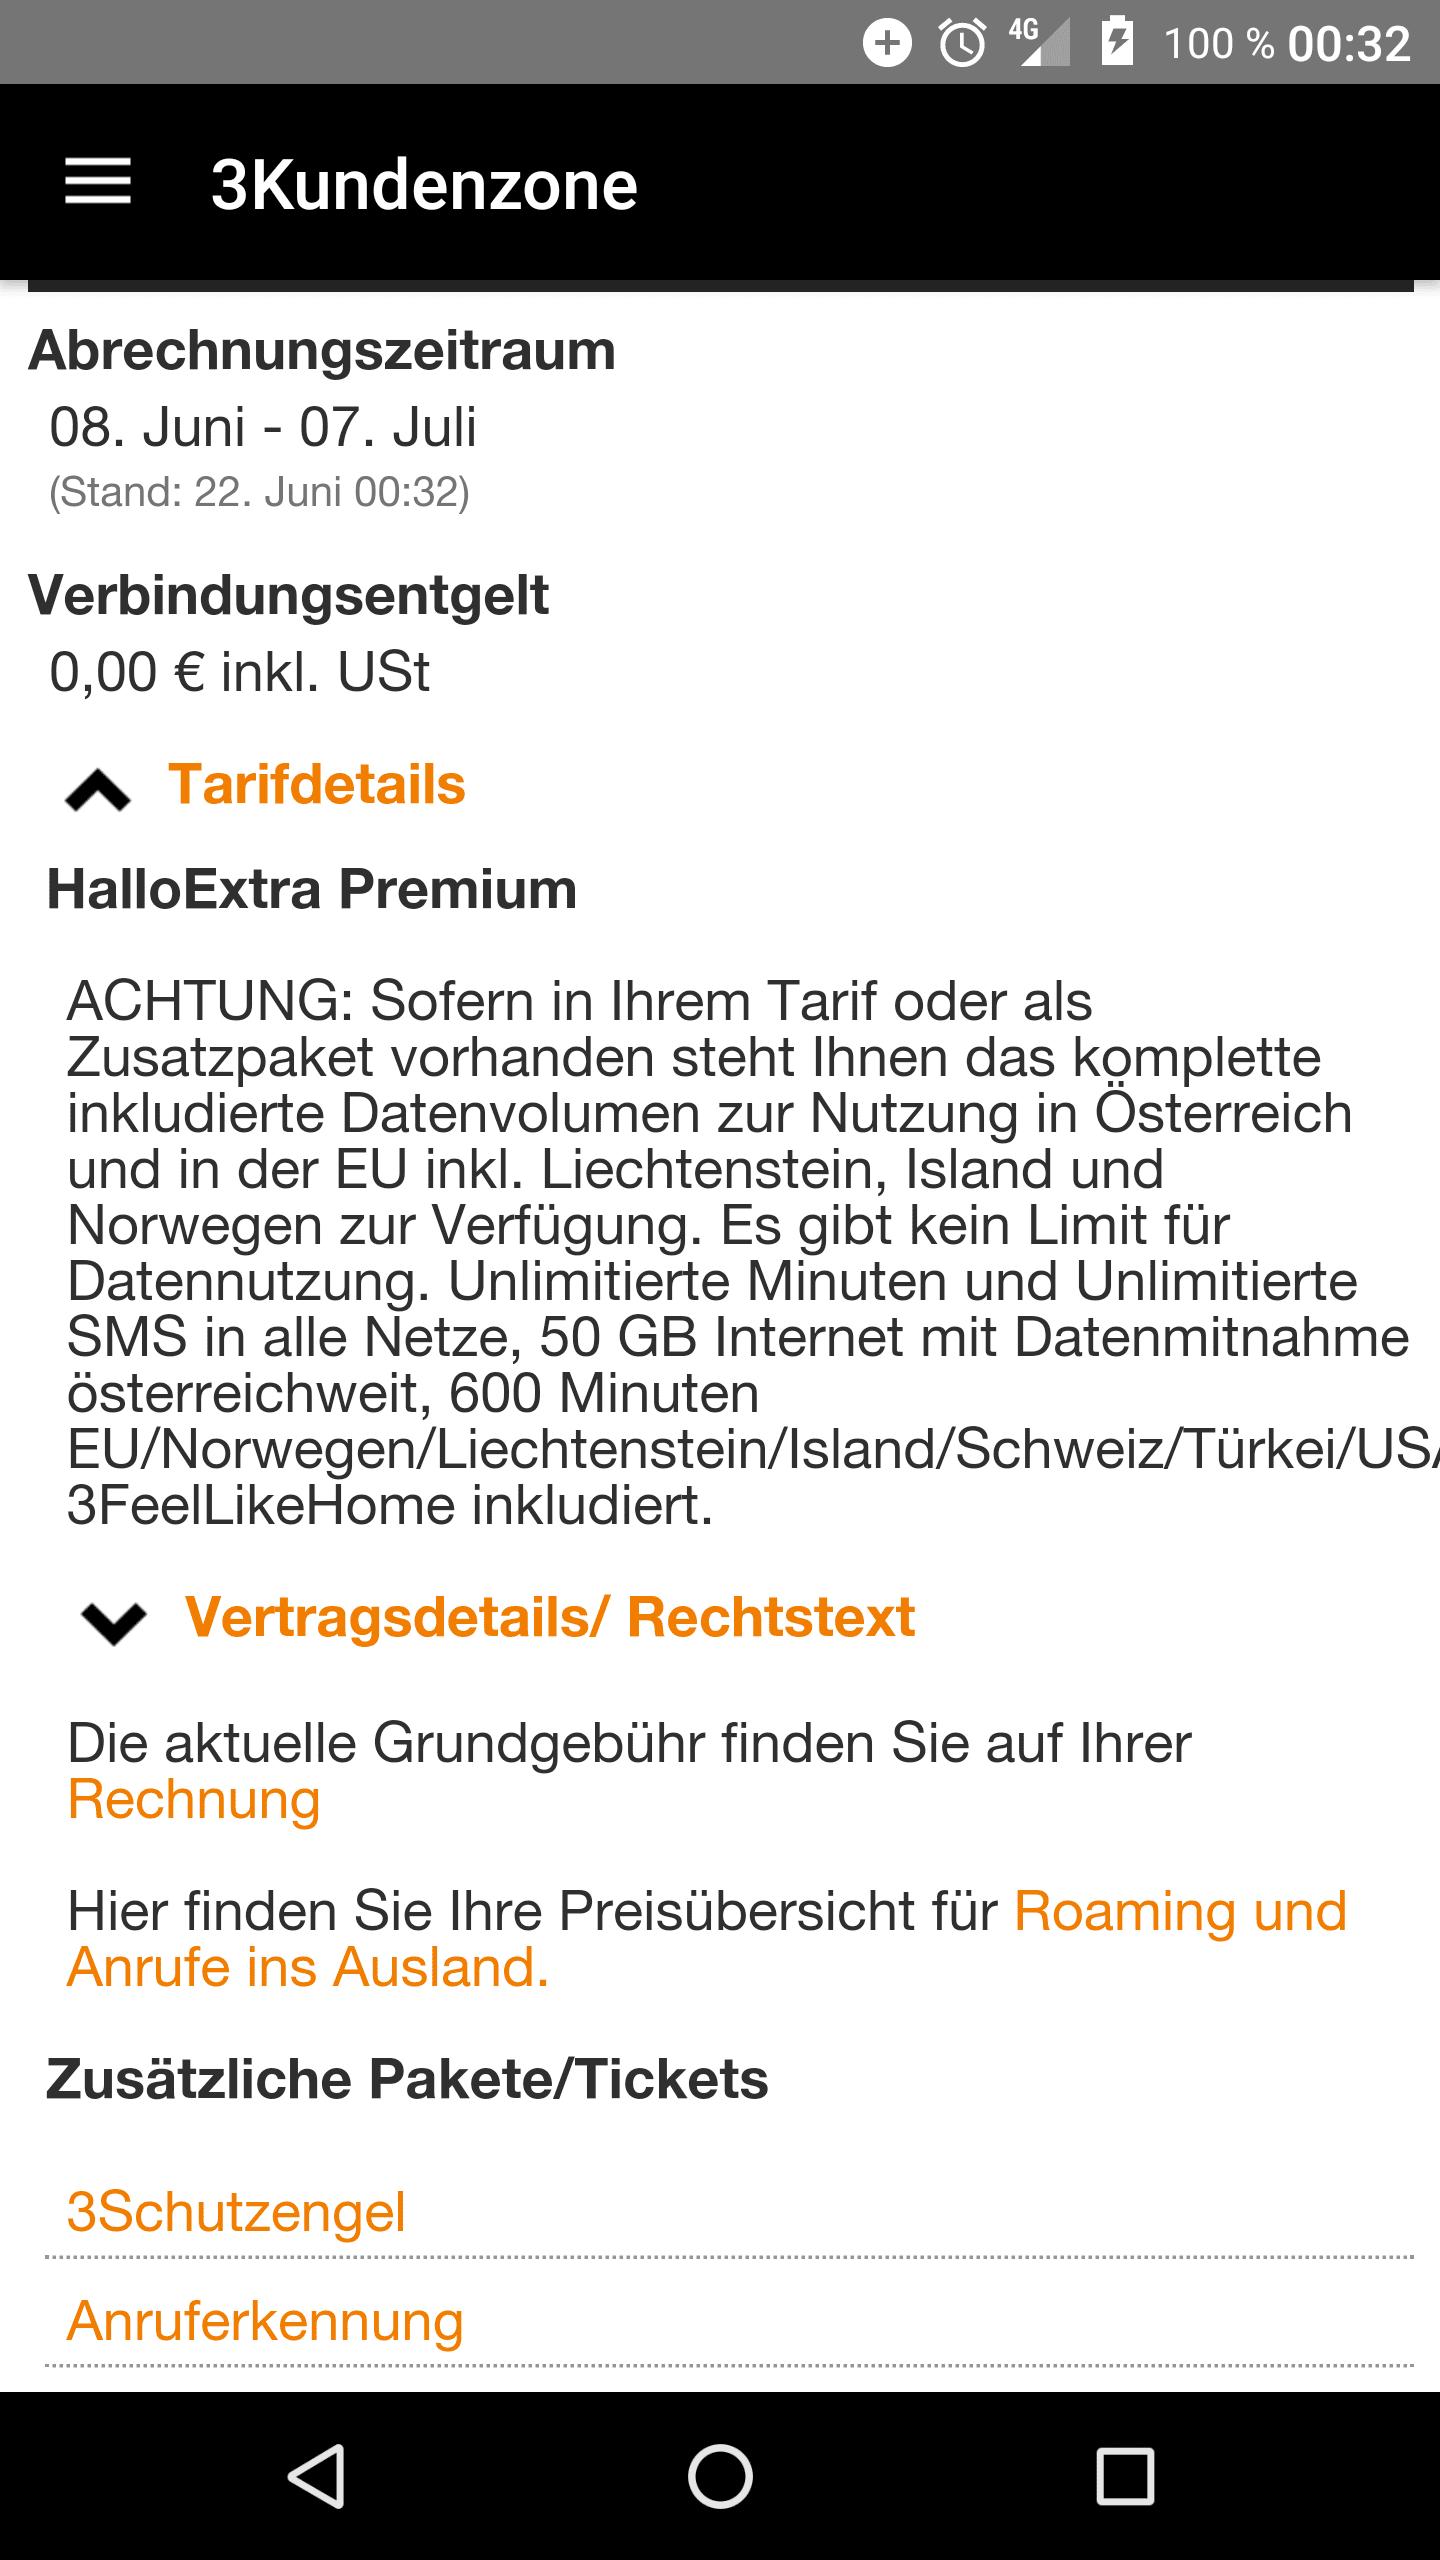 Eu Roaming Datenguthaben Lte Forum österreich